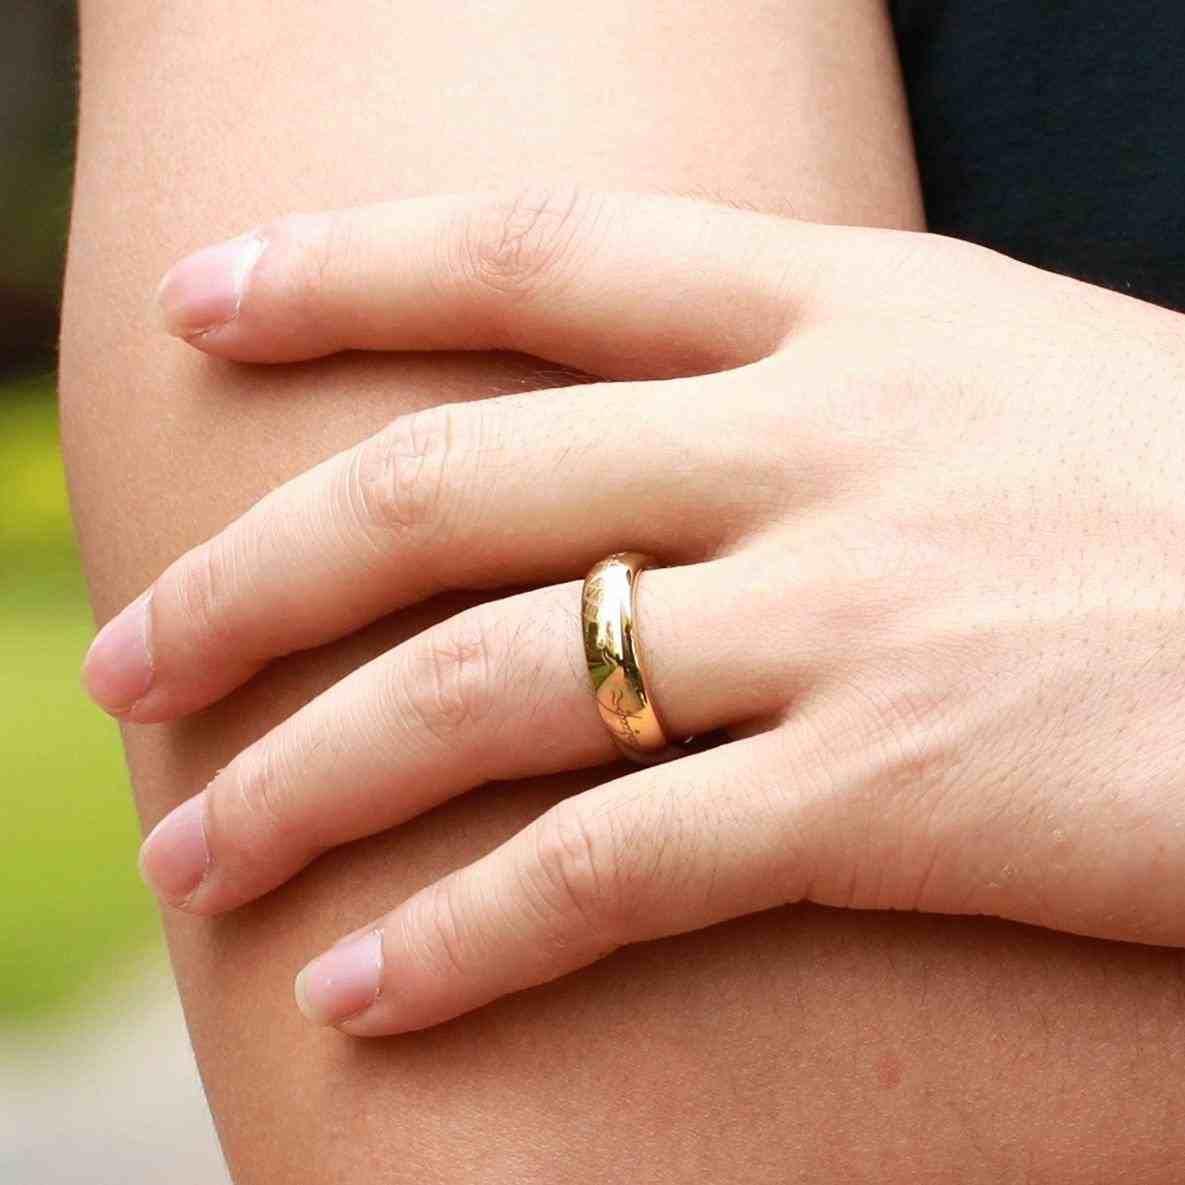 Gold Wedding Rings On Finger Weddings Pinterest Wedding Rings